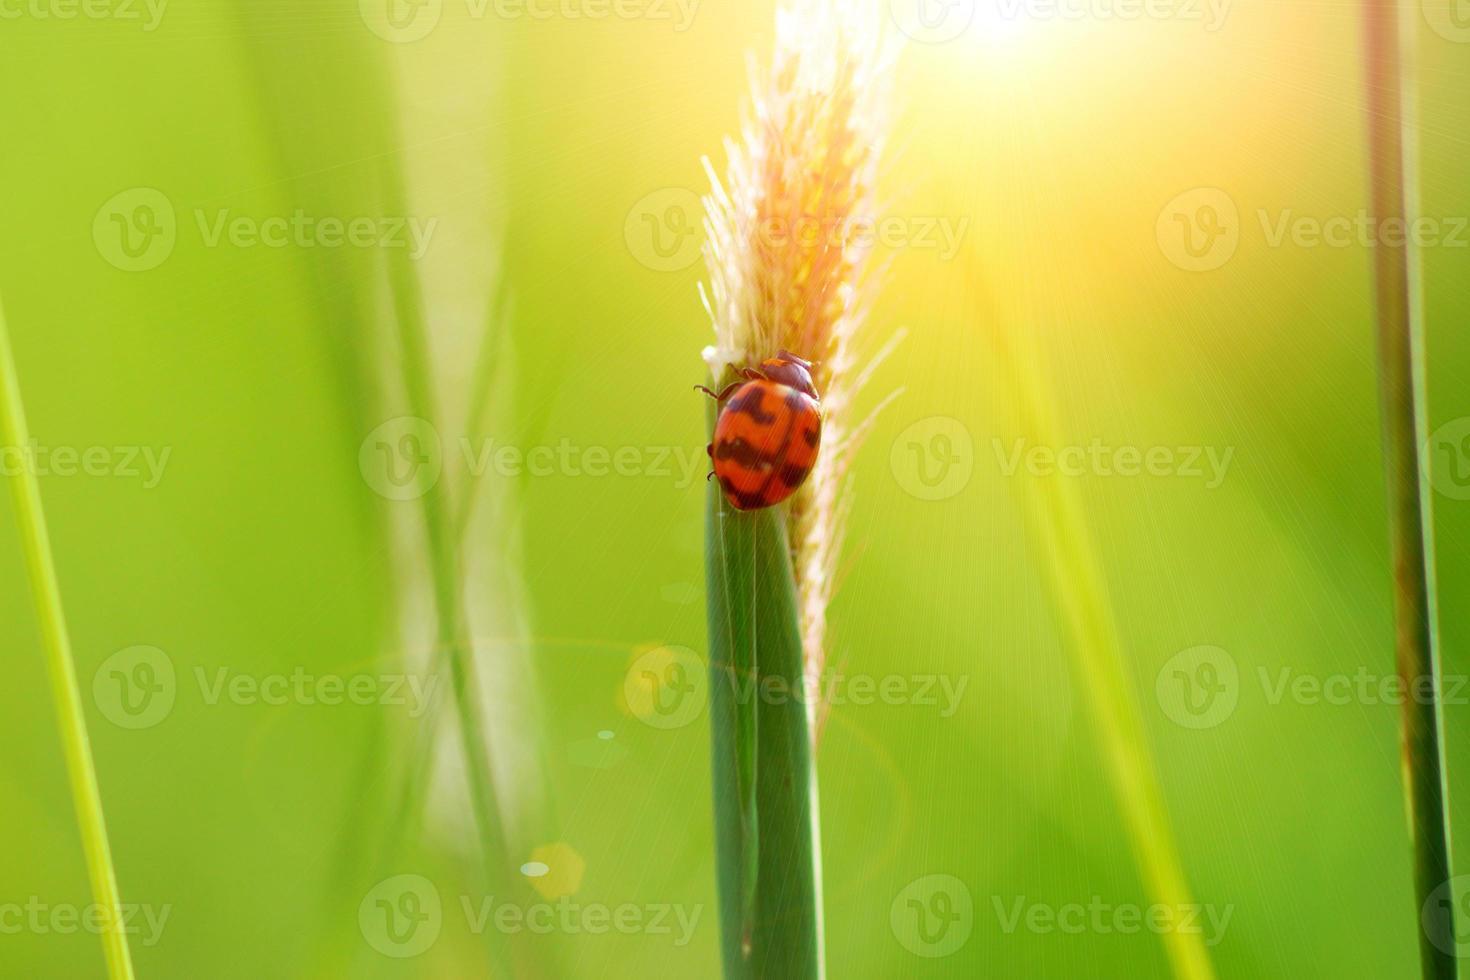 Mariquita sobre hierba después de la exposición al sol. foto